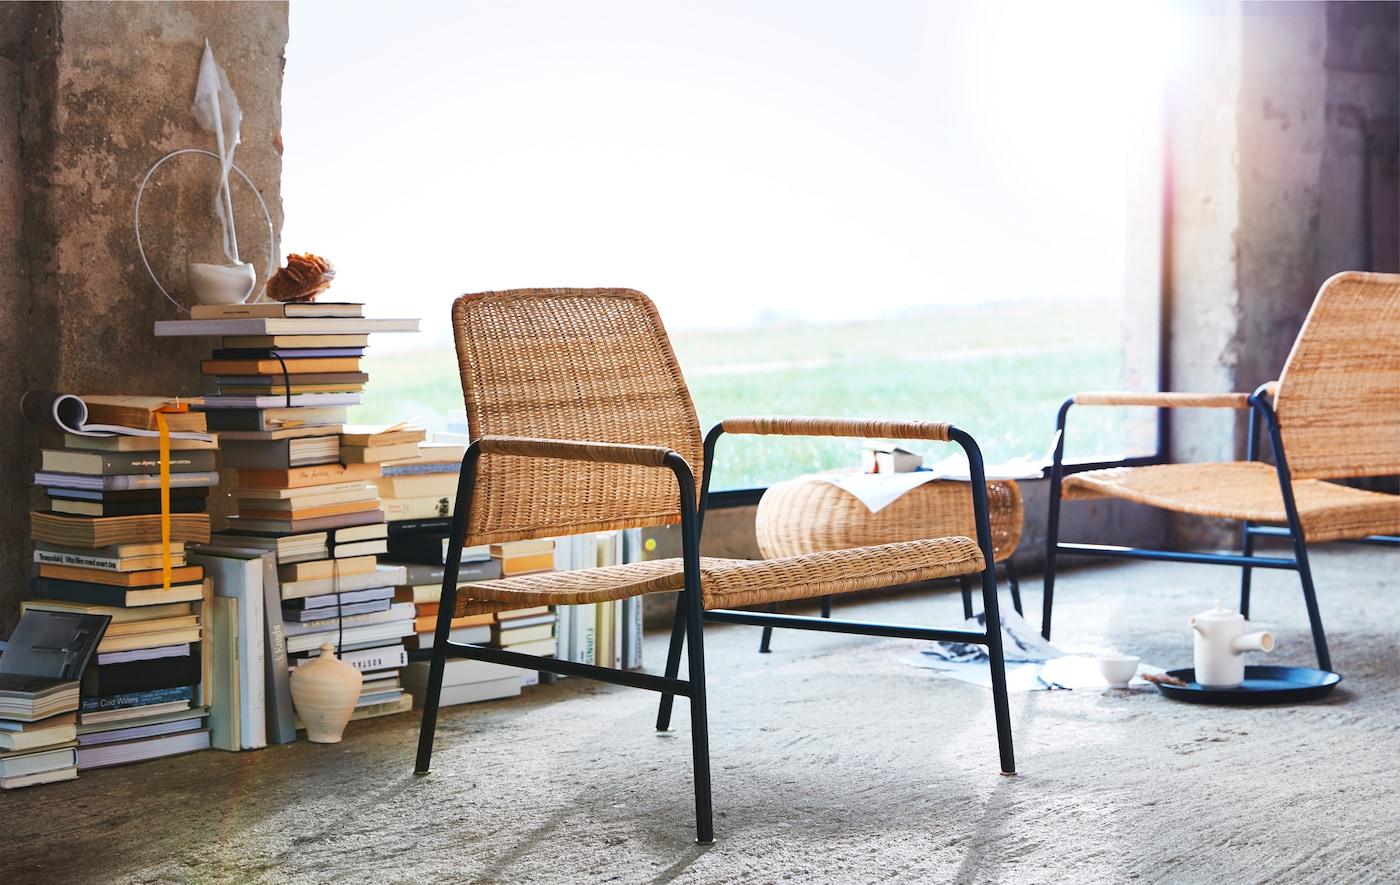 Cadeiras em rota e metal e um repousa-pés em frente a livros empilhados e uma grande janela.